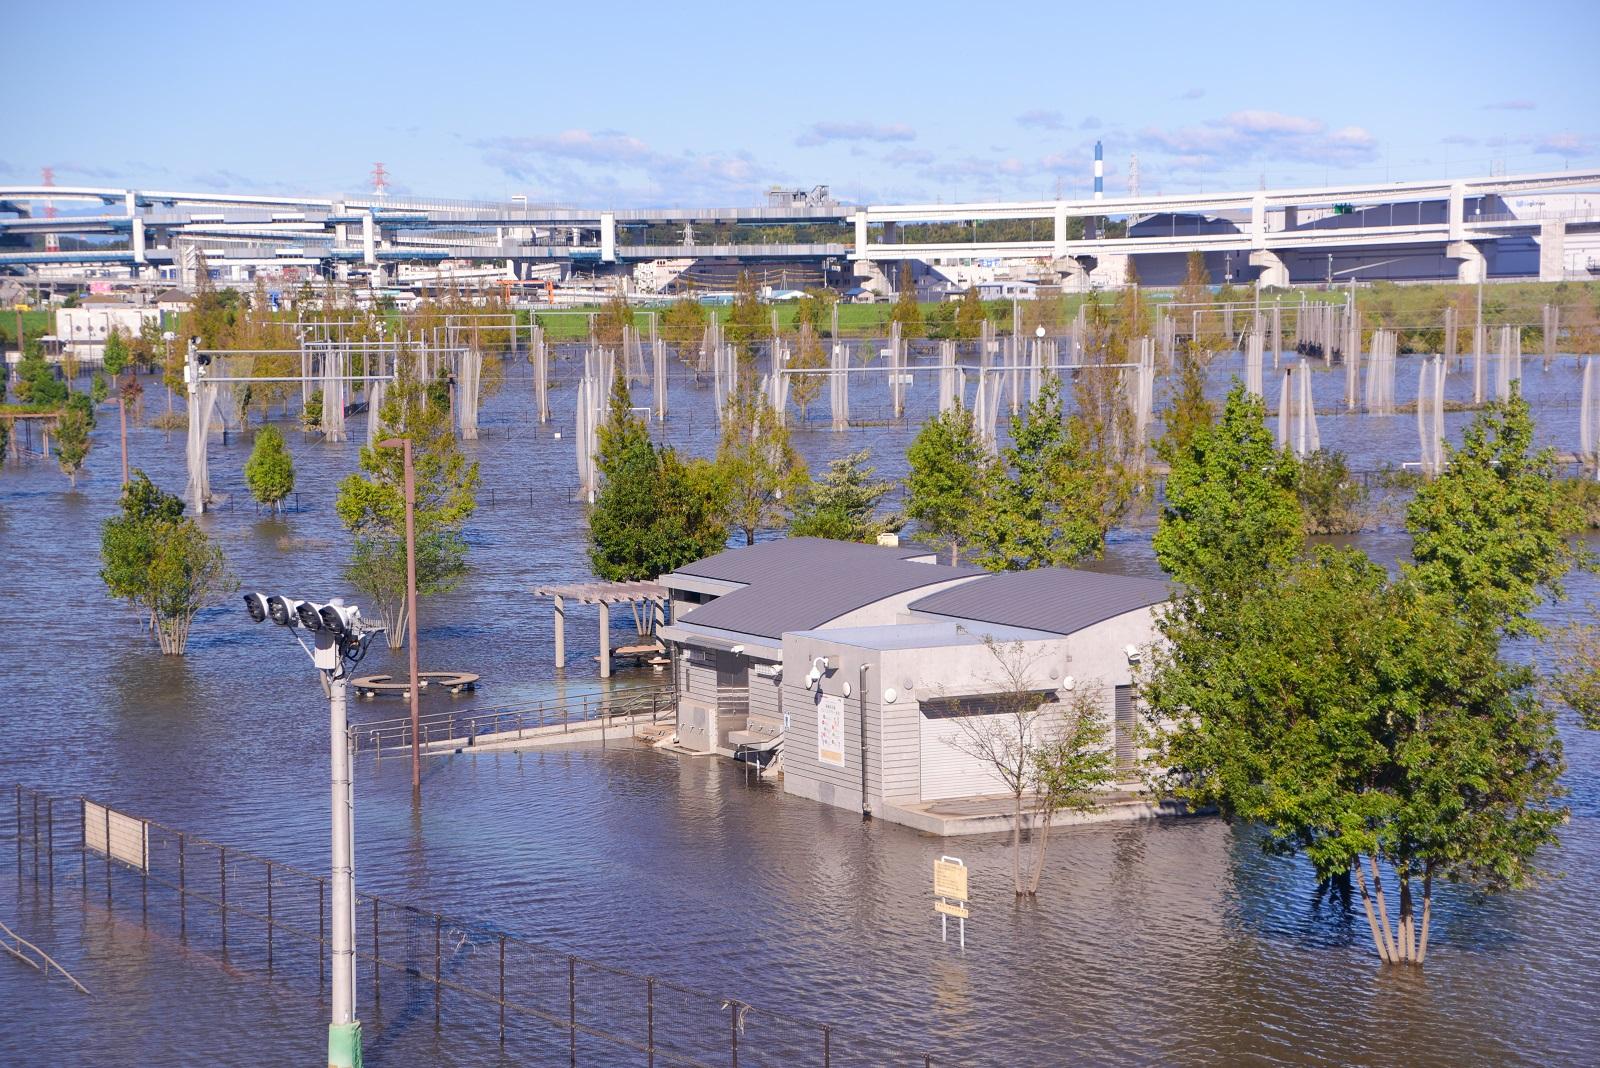 哈吉貝颱風為何替日本帶來嚴重災情?氣象專家解答